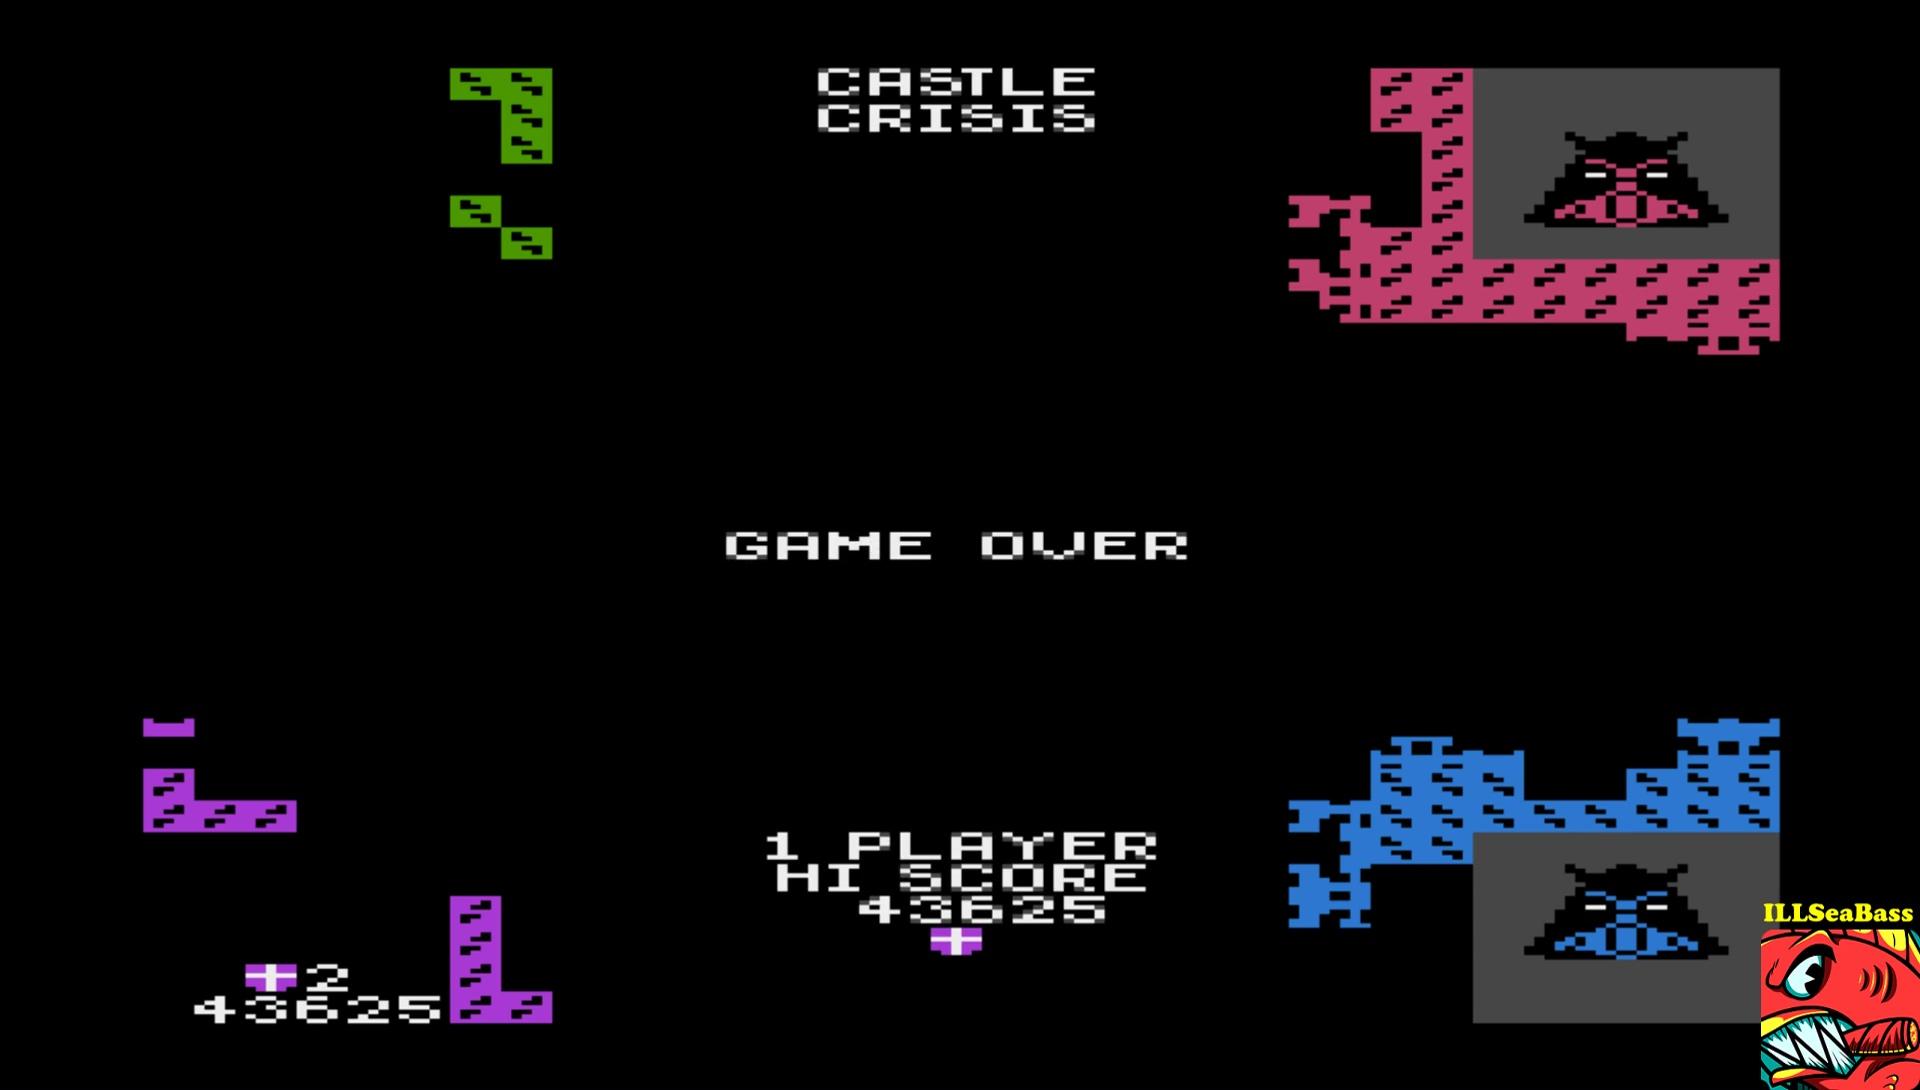 ILLSeaBass: Castle Crisis (Atari 400/800/XL/XE Emulated) 43,625 points on 2017-06-07 22:22:01